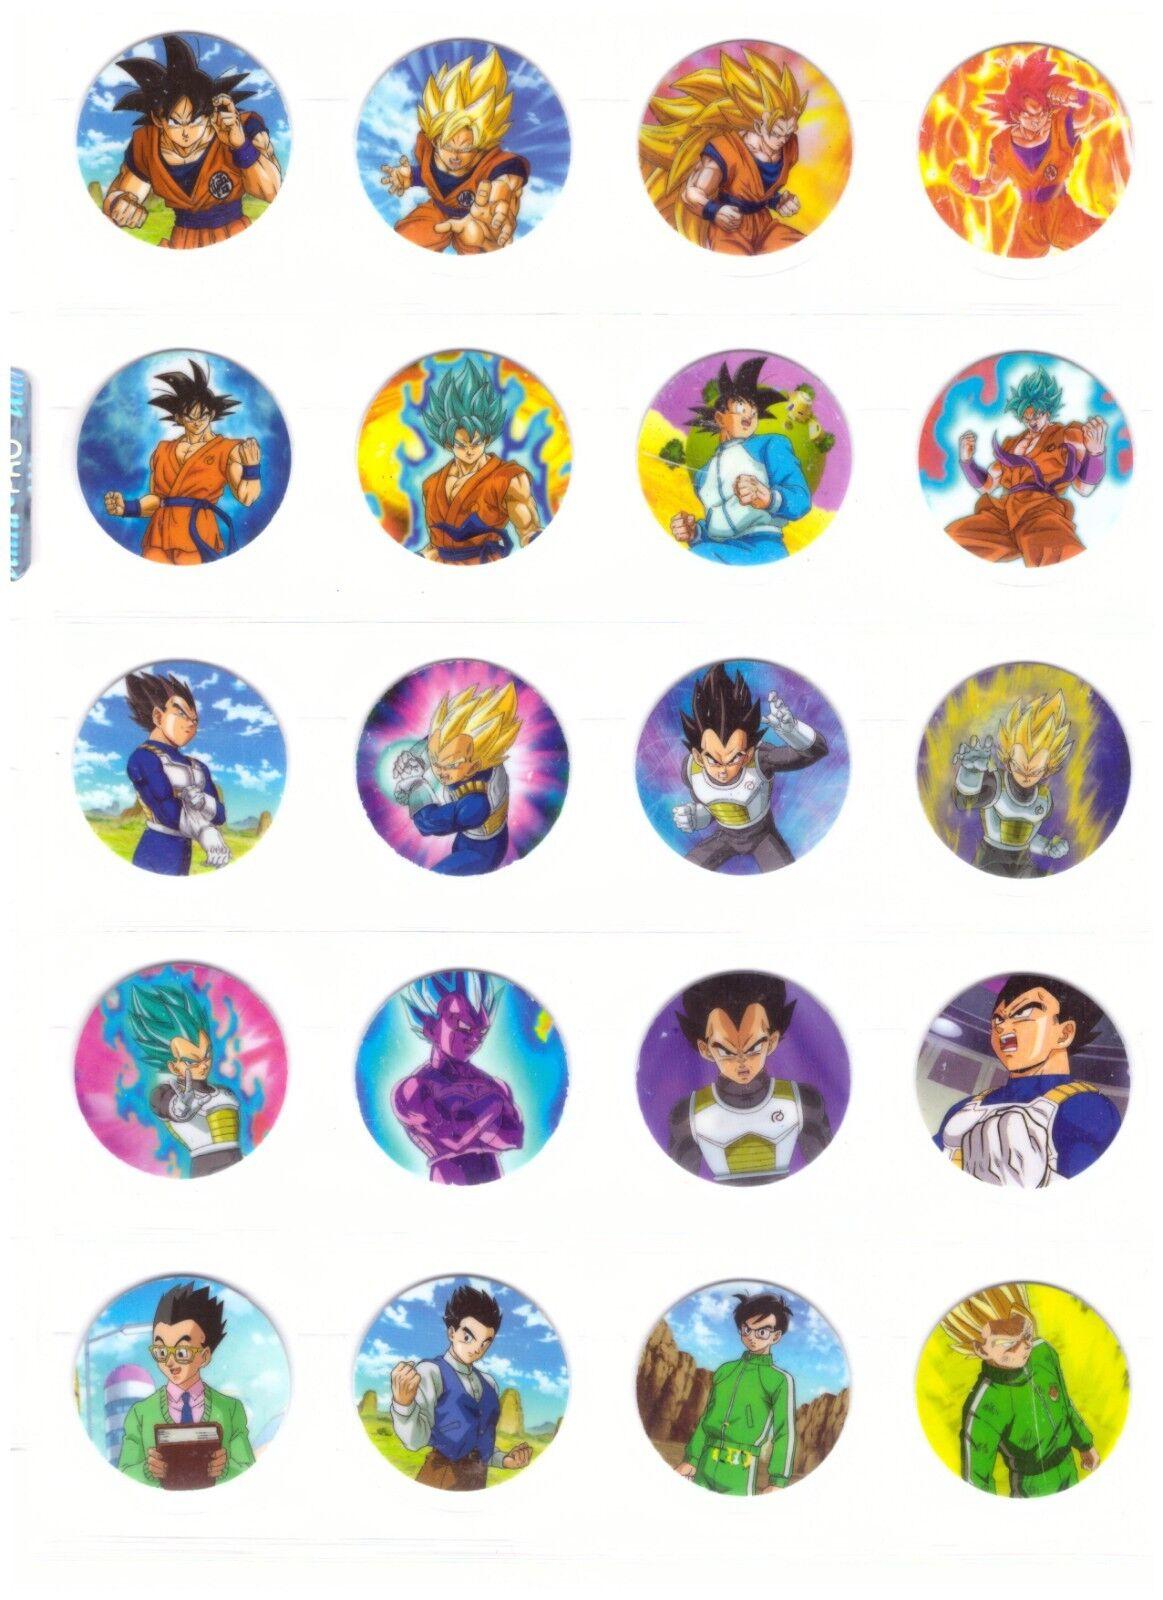 TAZOS DRAGON BALL SUPER Coleccion completa Cromos - Pogs Cartas Figuras Toys Set